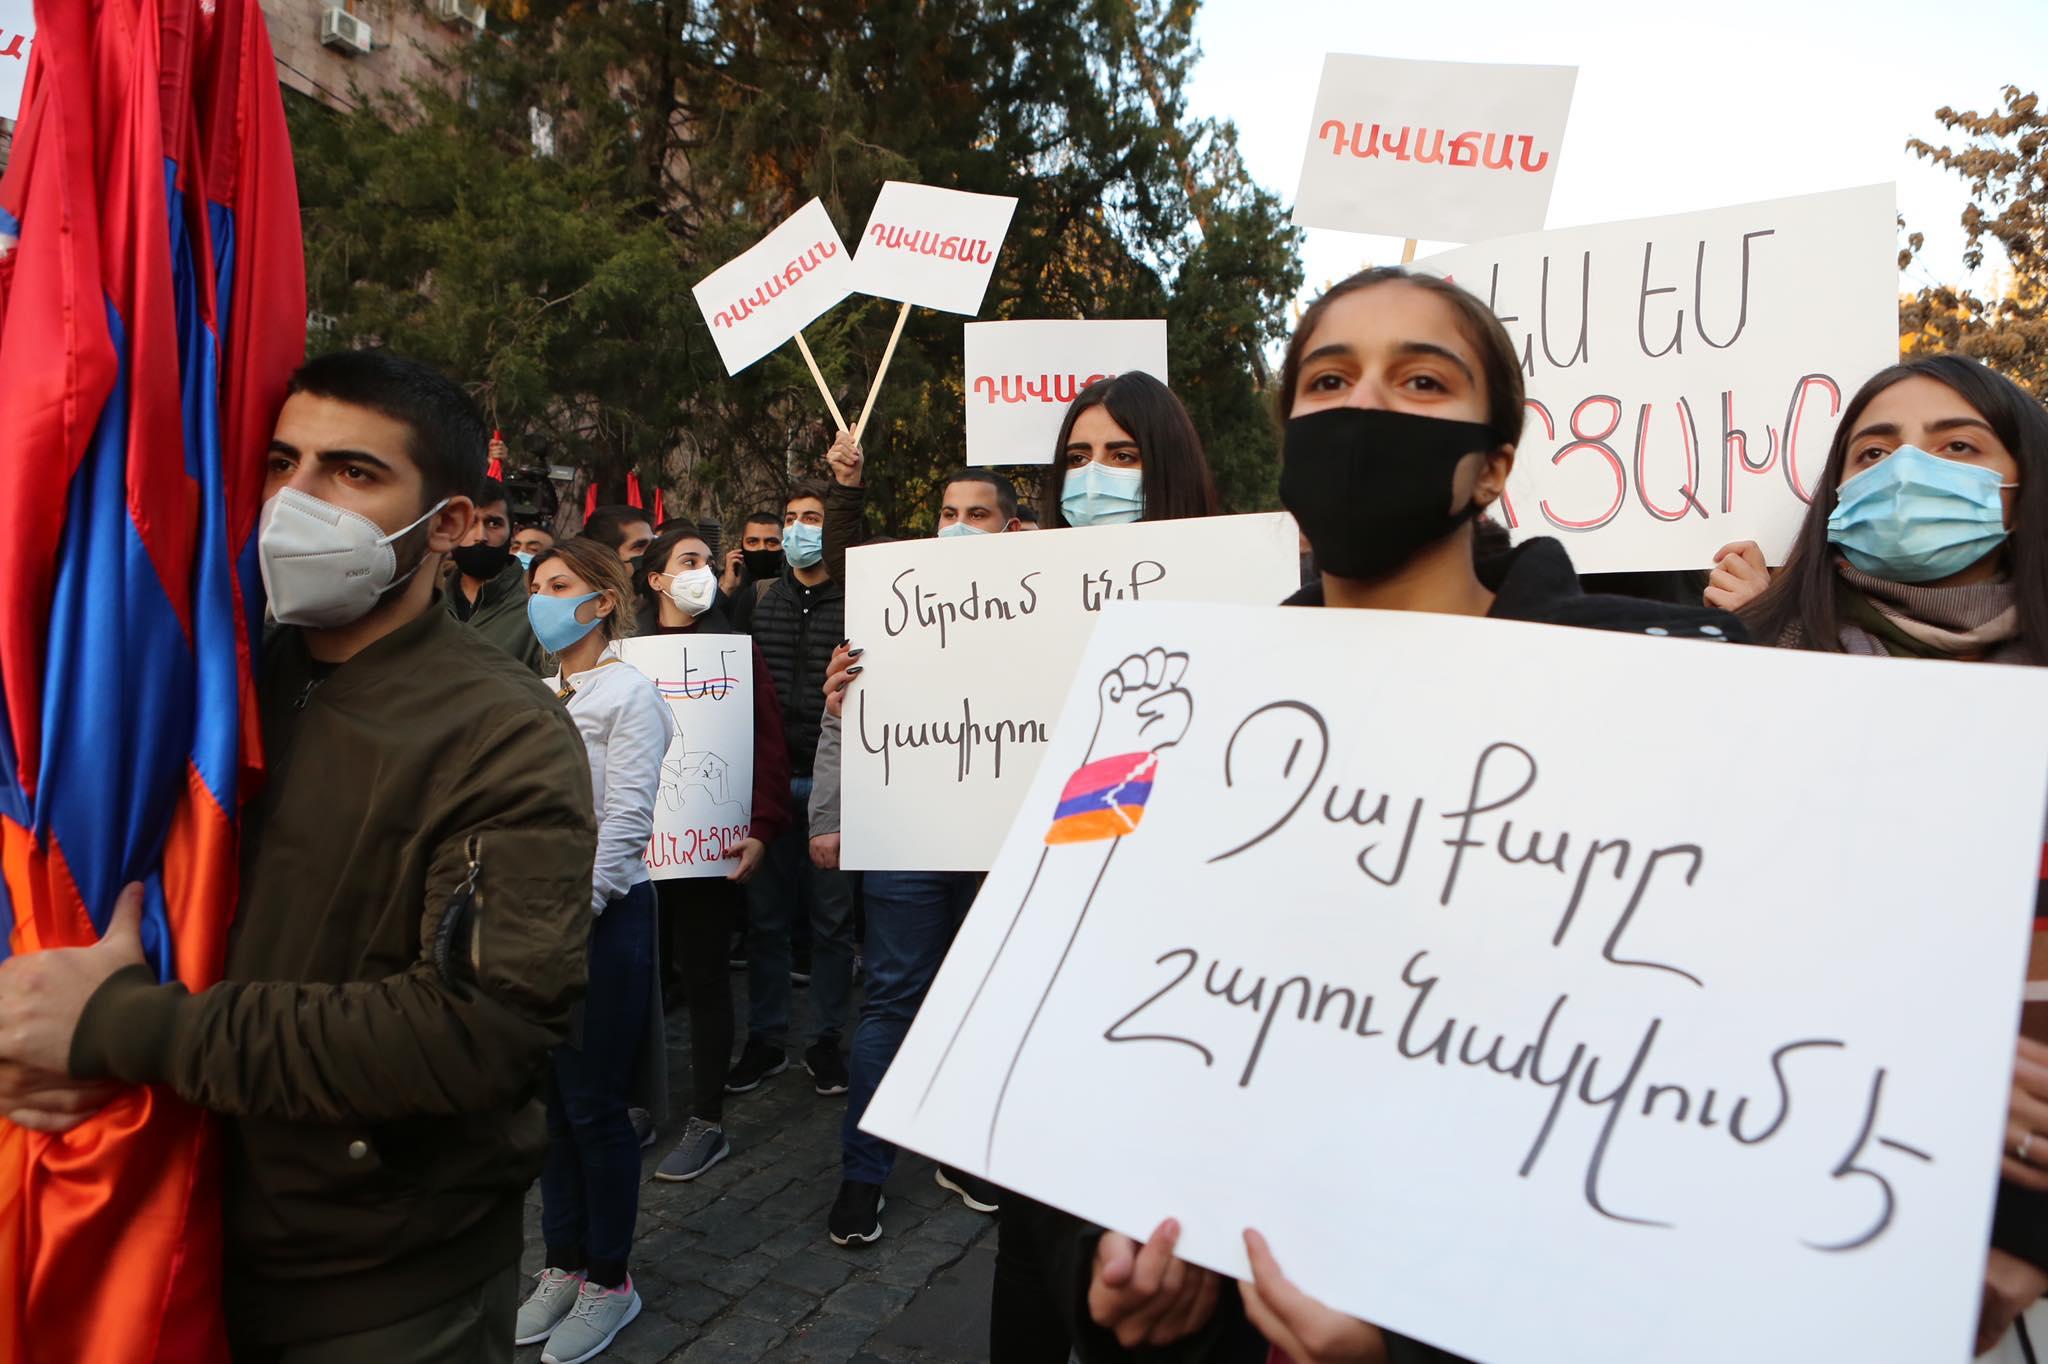 Հայաստան, Արցախ, խաղաղապահ գործողություններ, Թուրքիա, ԱԳ նախարար, Զոհրաբ Մնացականյան, հեռախոսազրույց, ԵԱՀԿ Մինսկի խումբ, համանախագահ երկրների ներկայացուցիչներ,